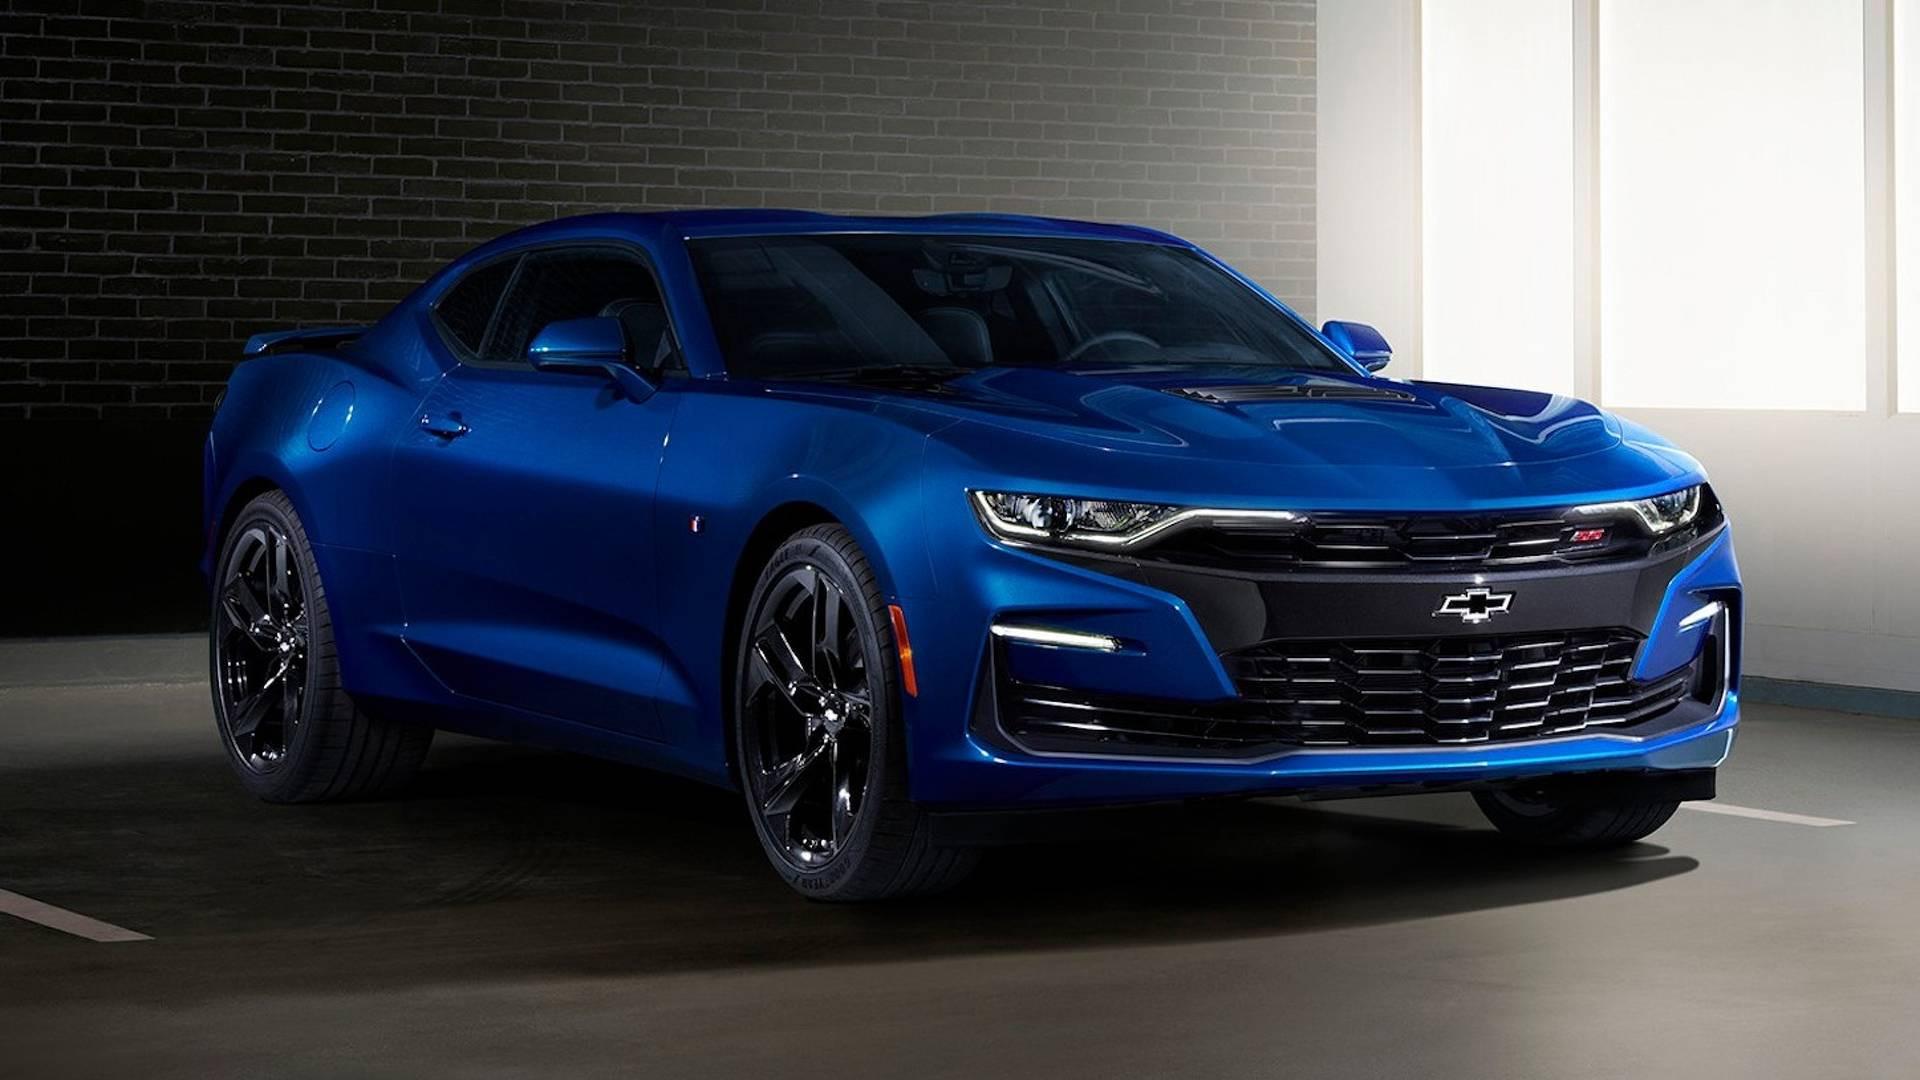 Chevrolet anunciou a nova linha desportiva do Camaro